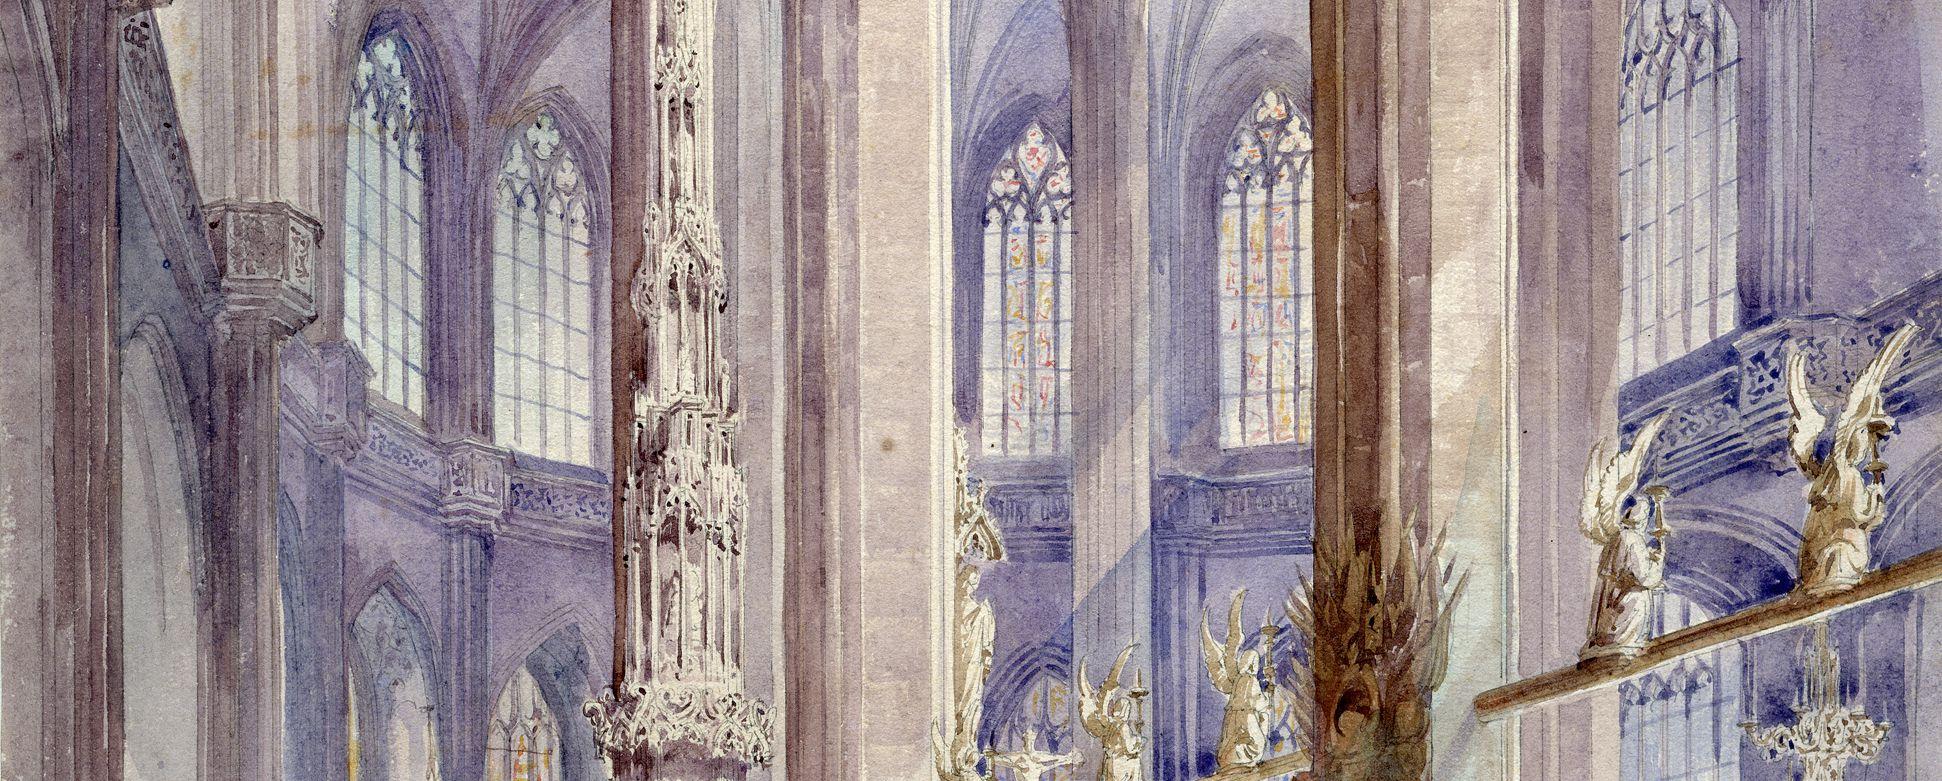 Sakramentshaus mittleres Bildfeld